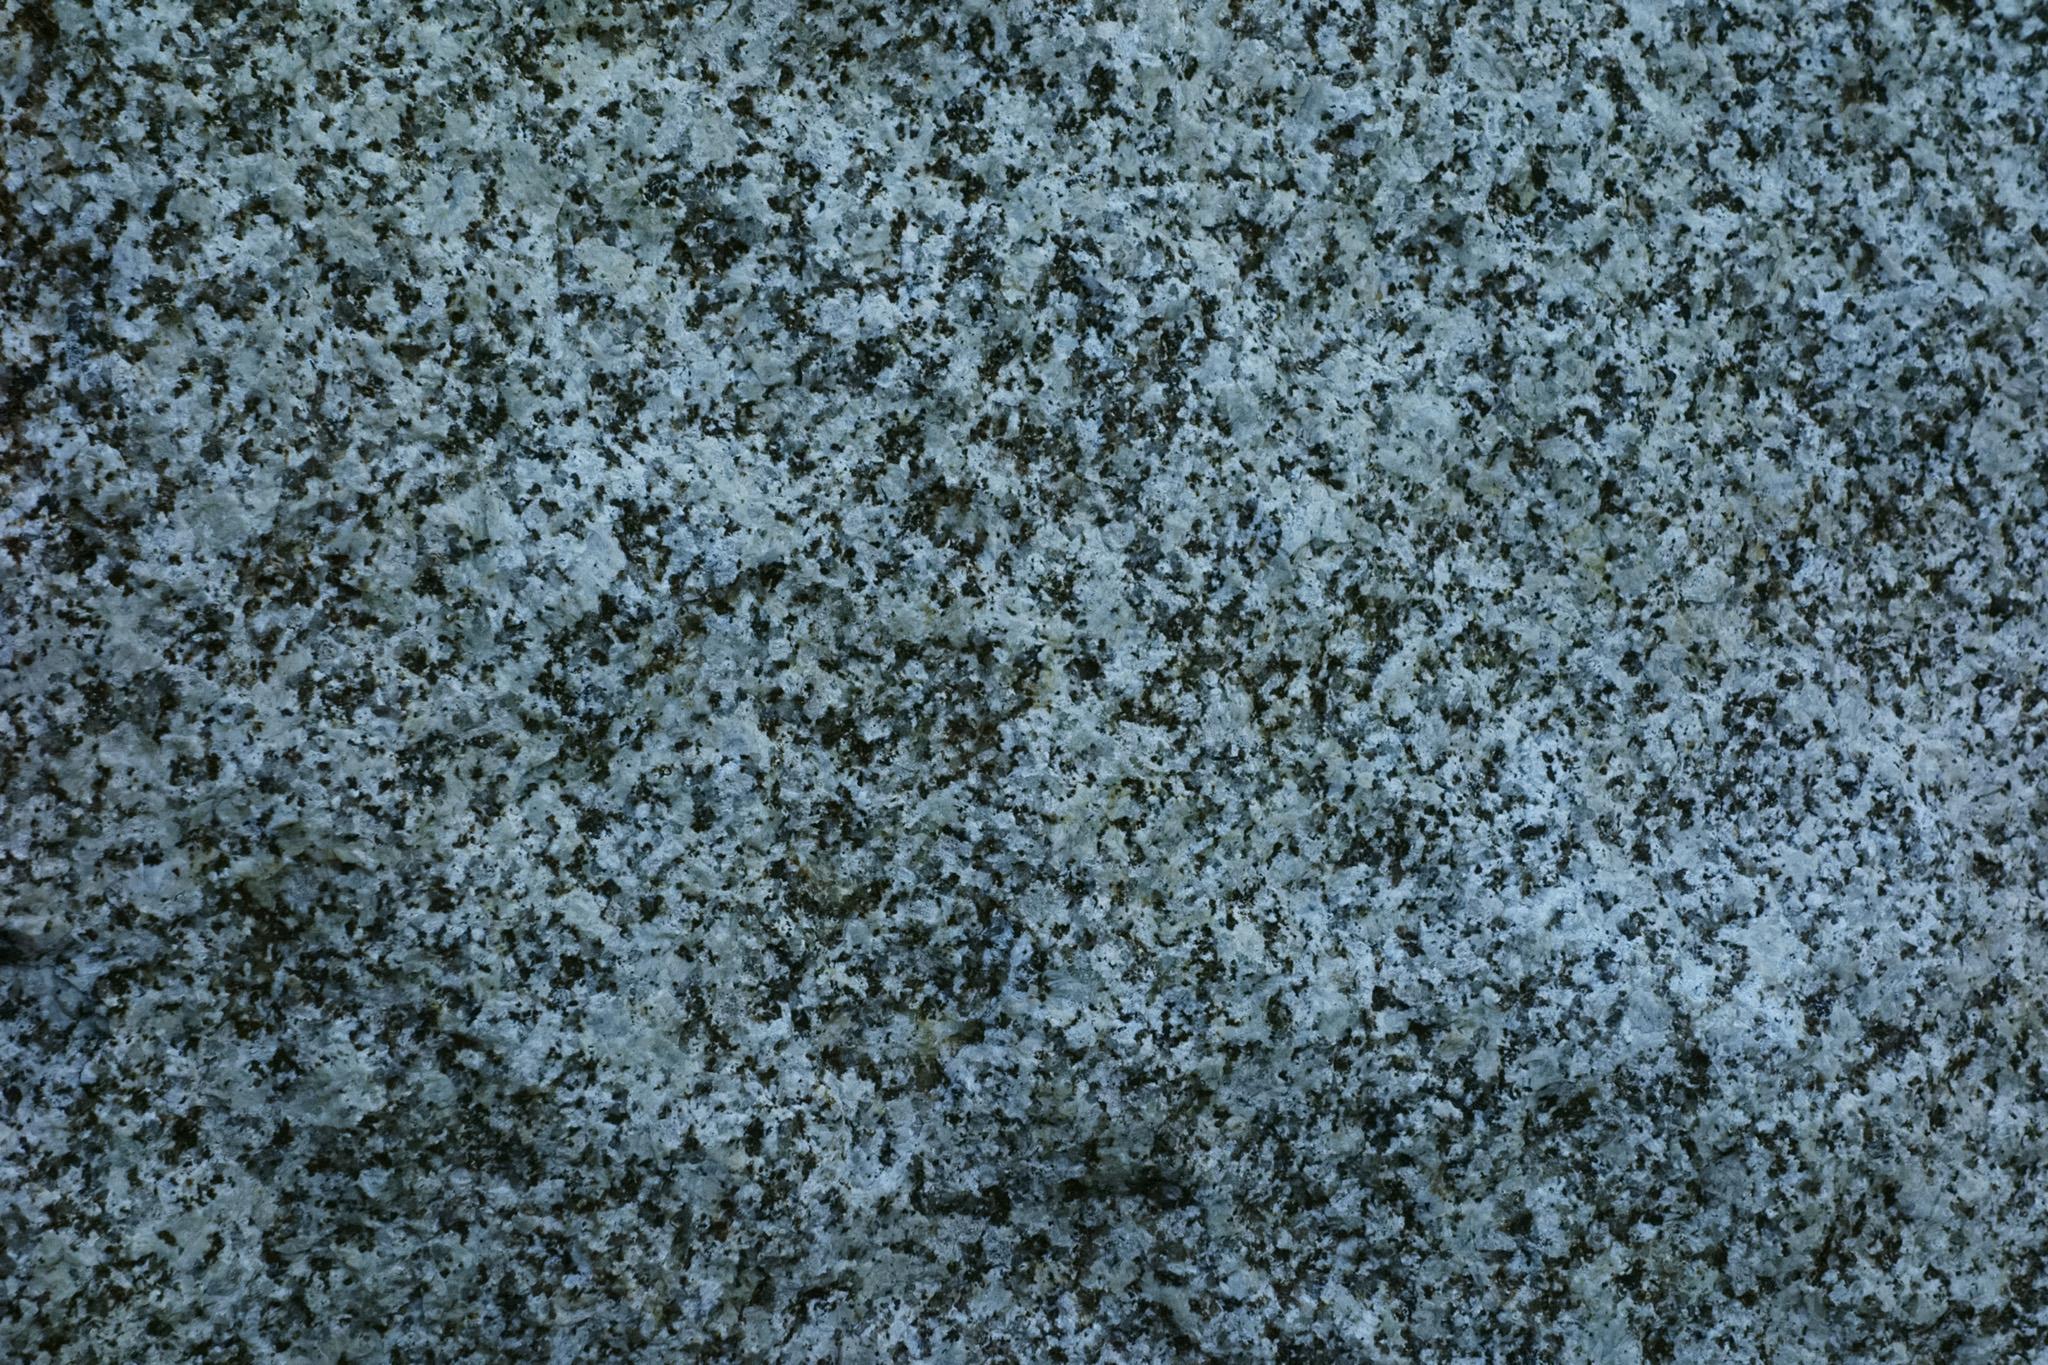 「花崗岩のマーブル模様」